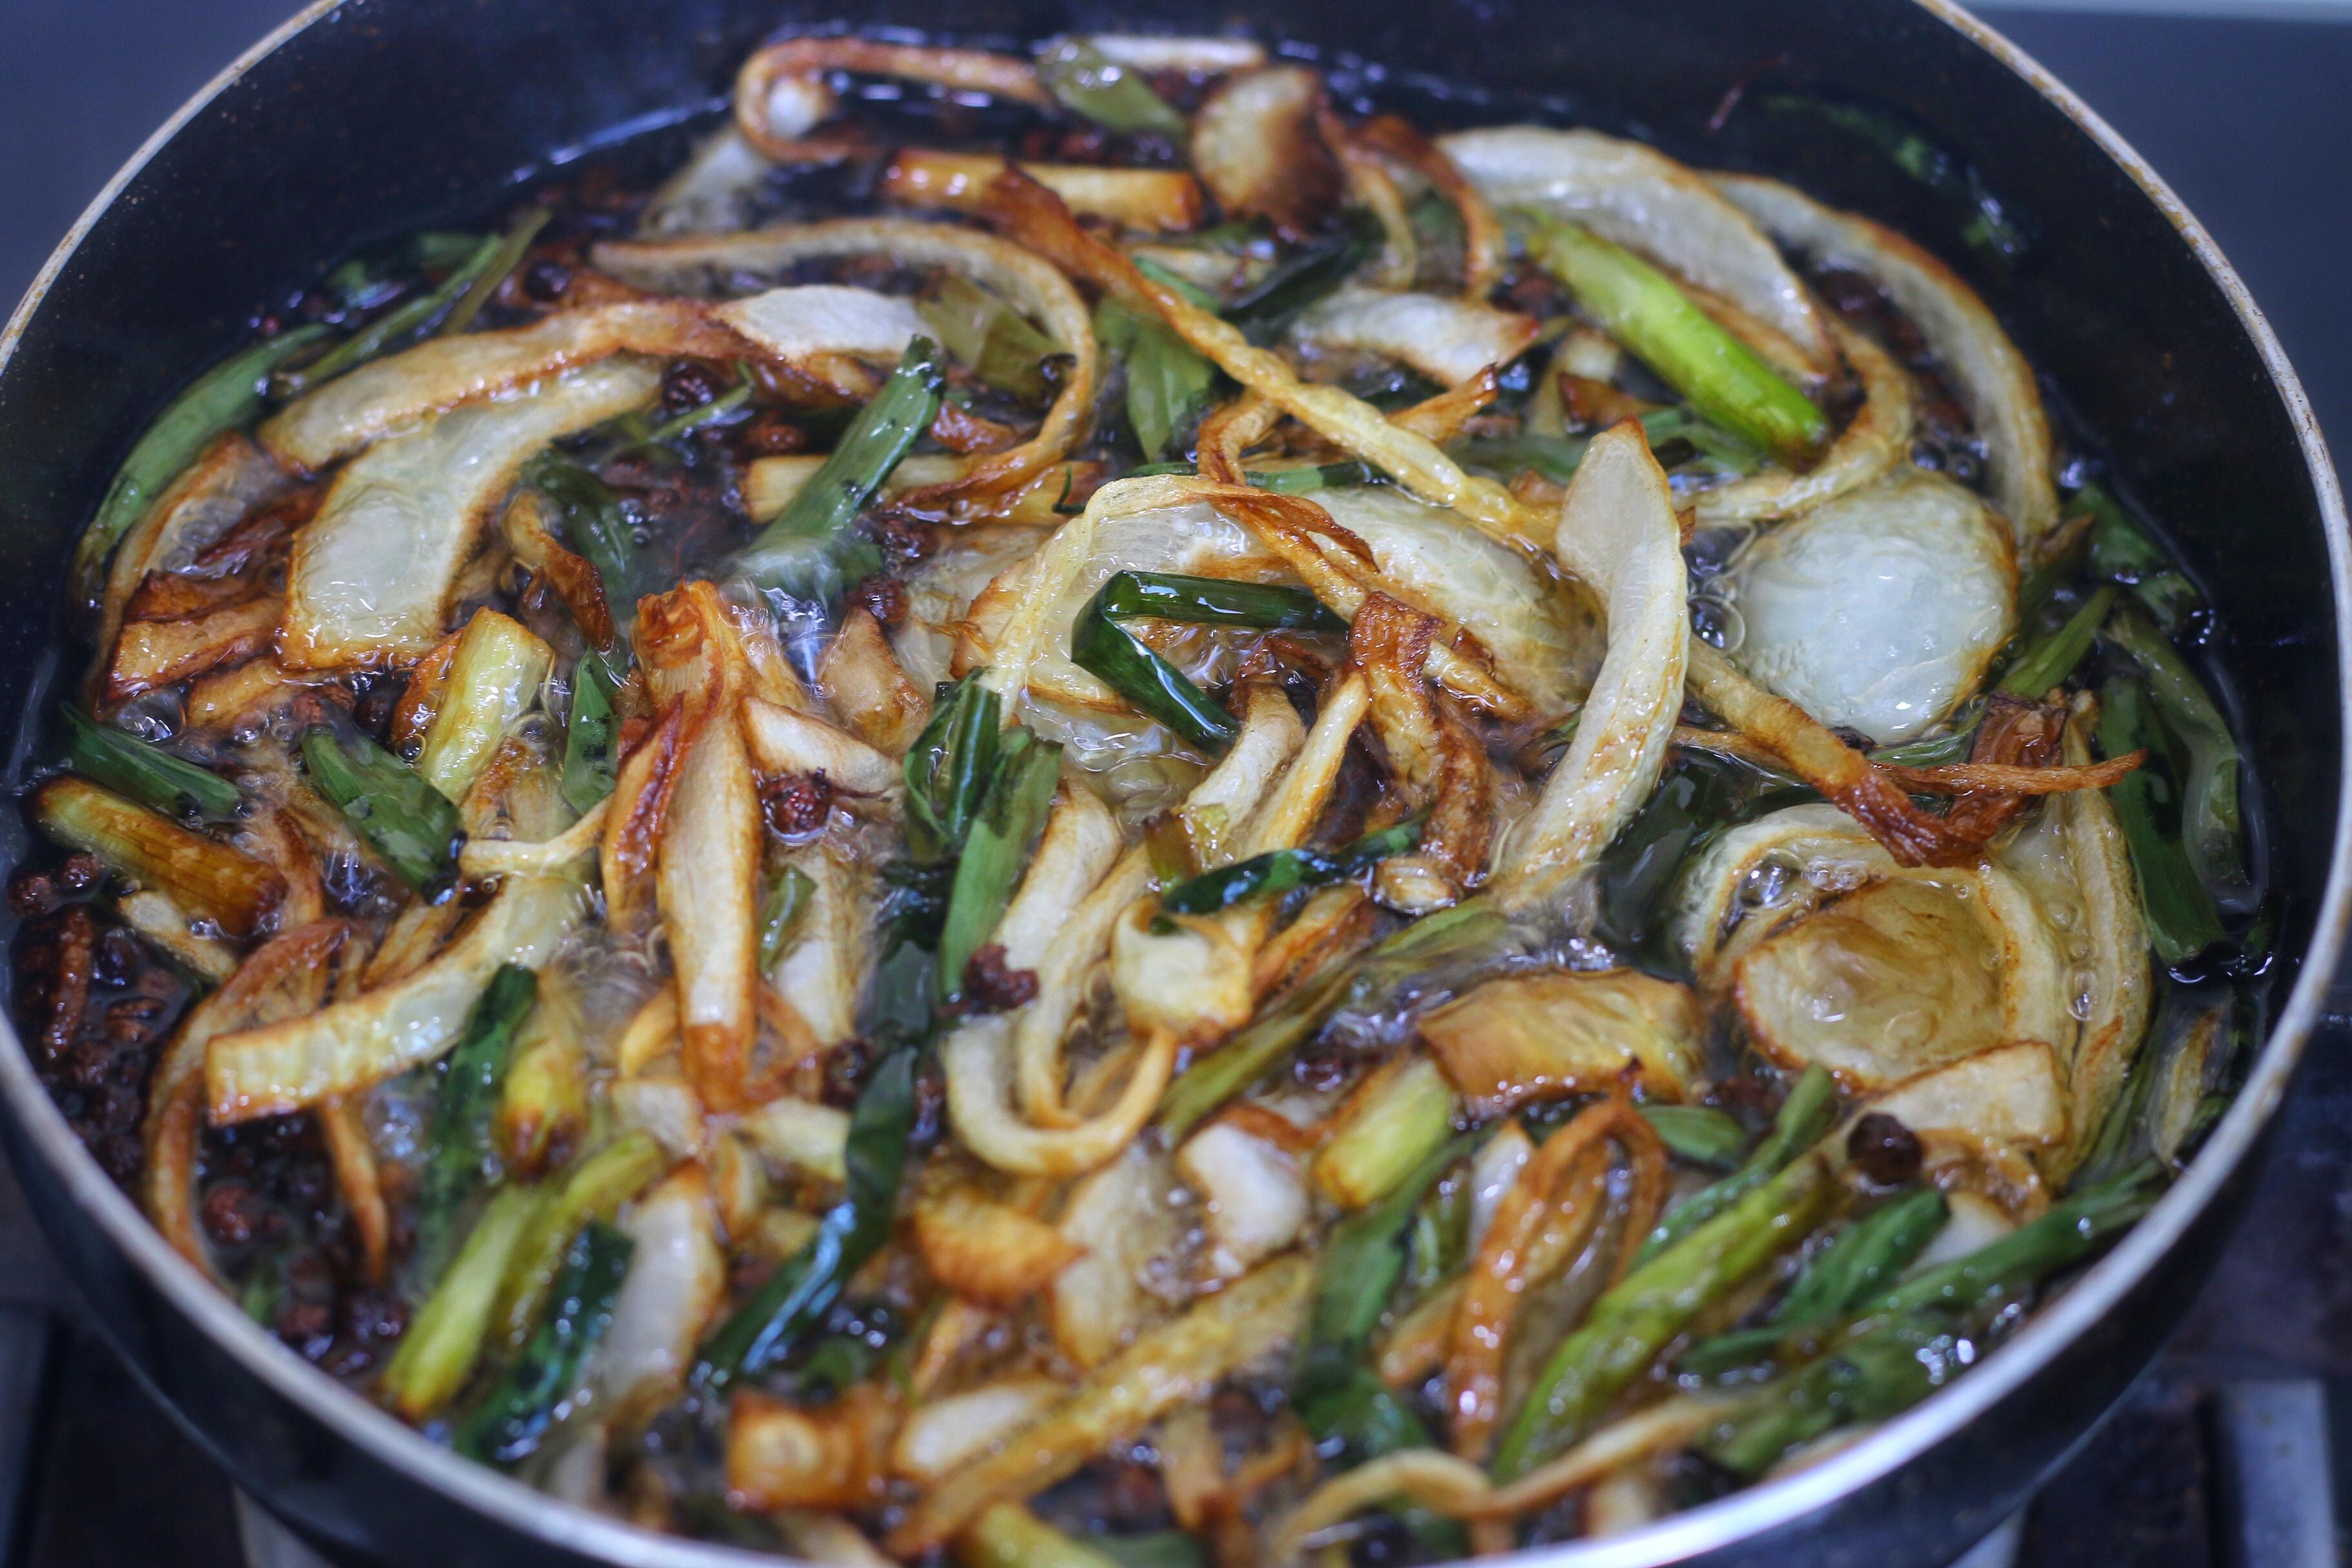 学会炸万能凉拌油,拌什么菜都好吃 减肥菜谱 第5张